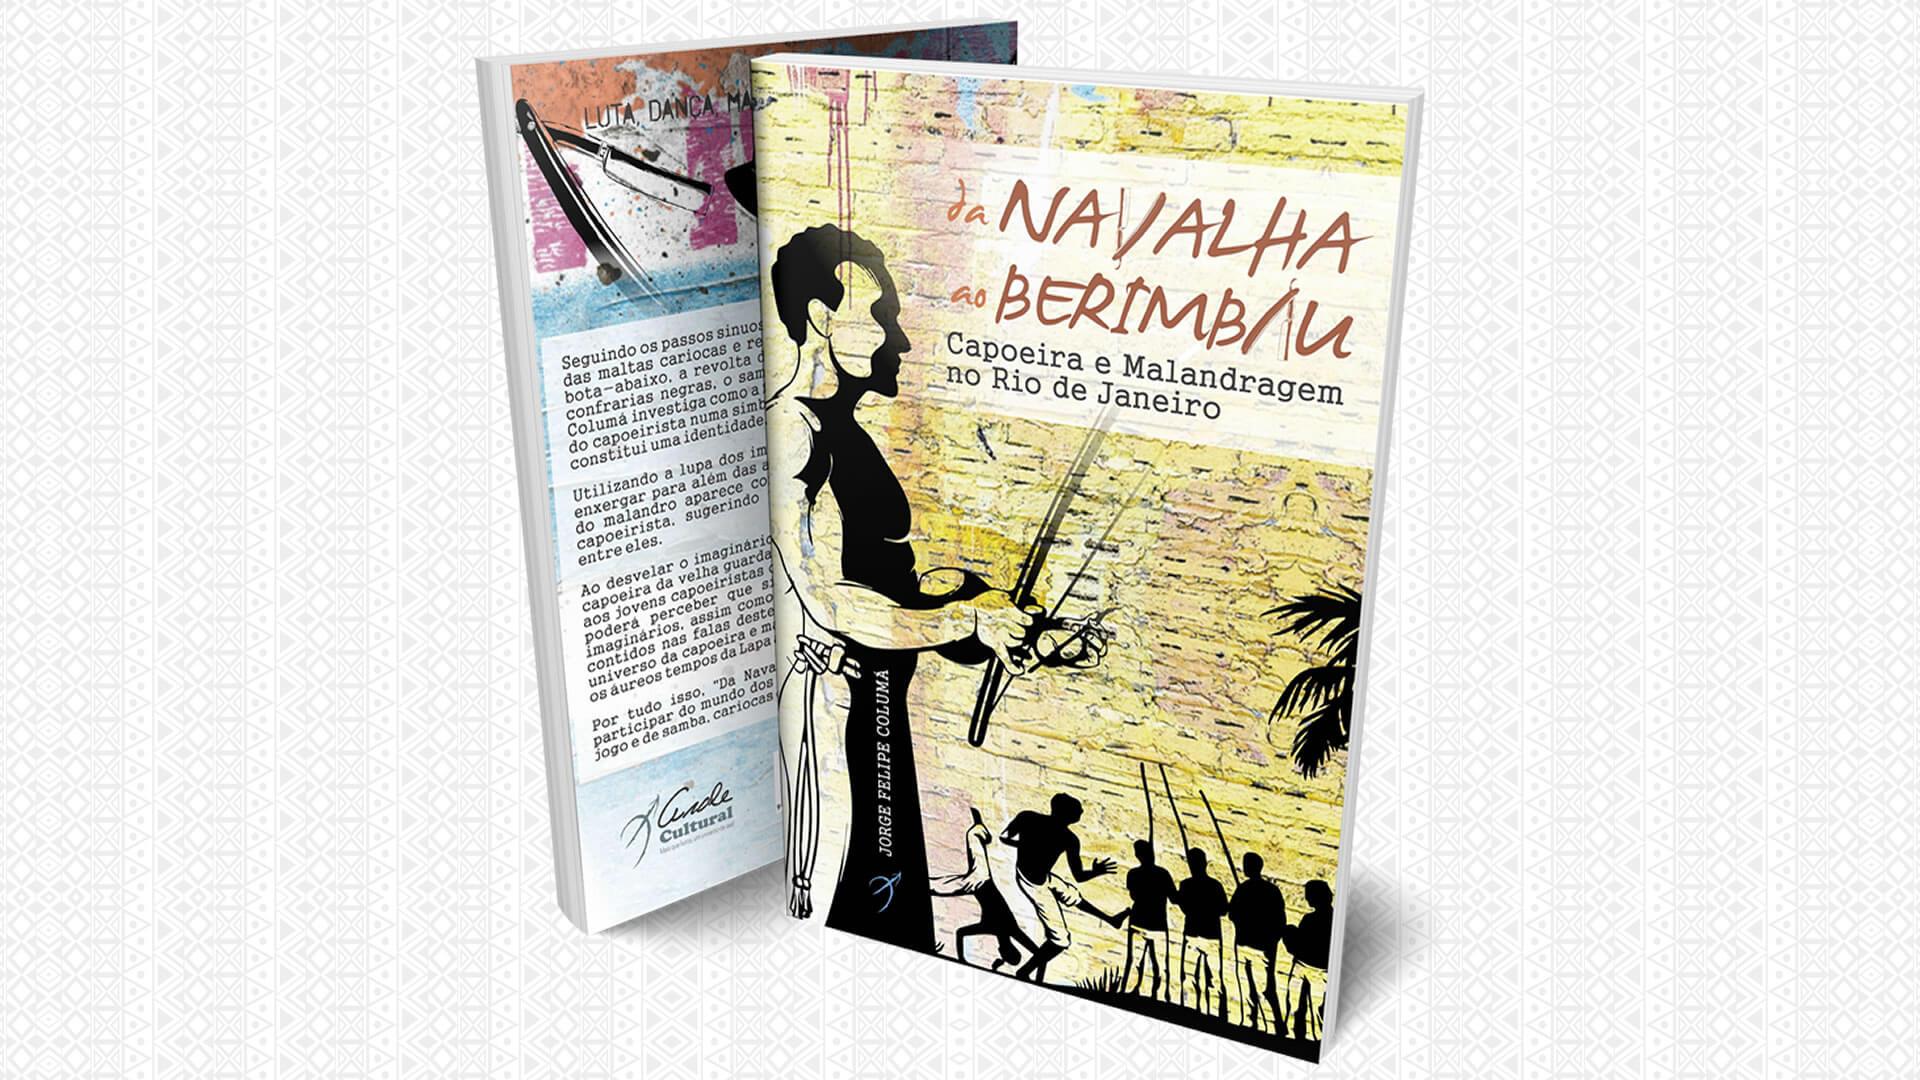 Livro conta a história da Capoeira e da Malandragem no Rio de Janeiro